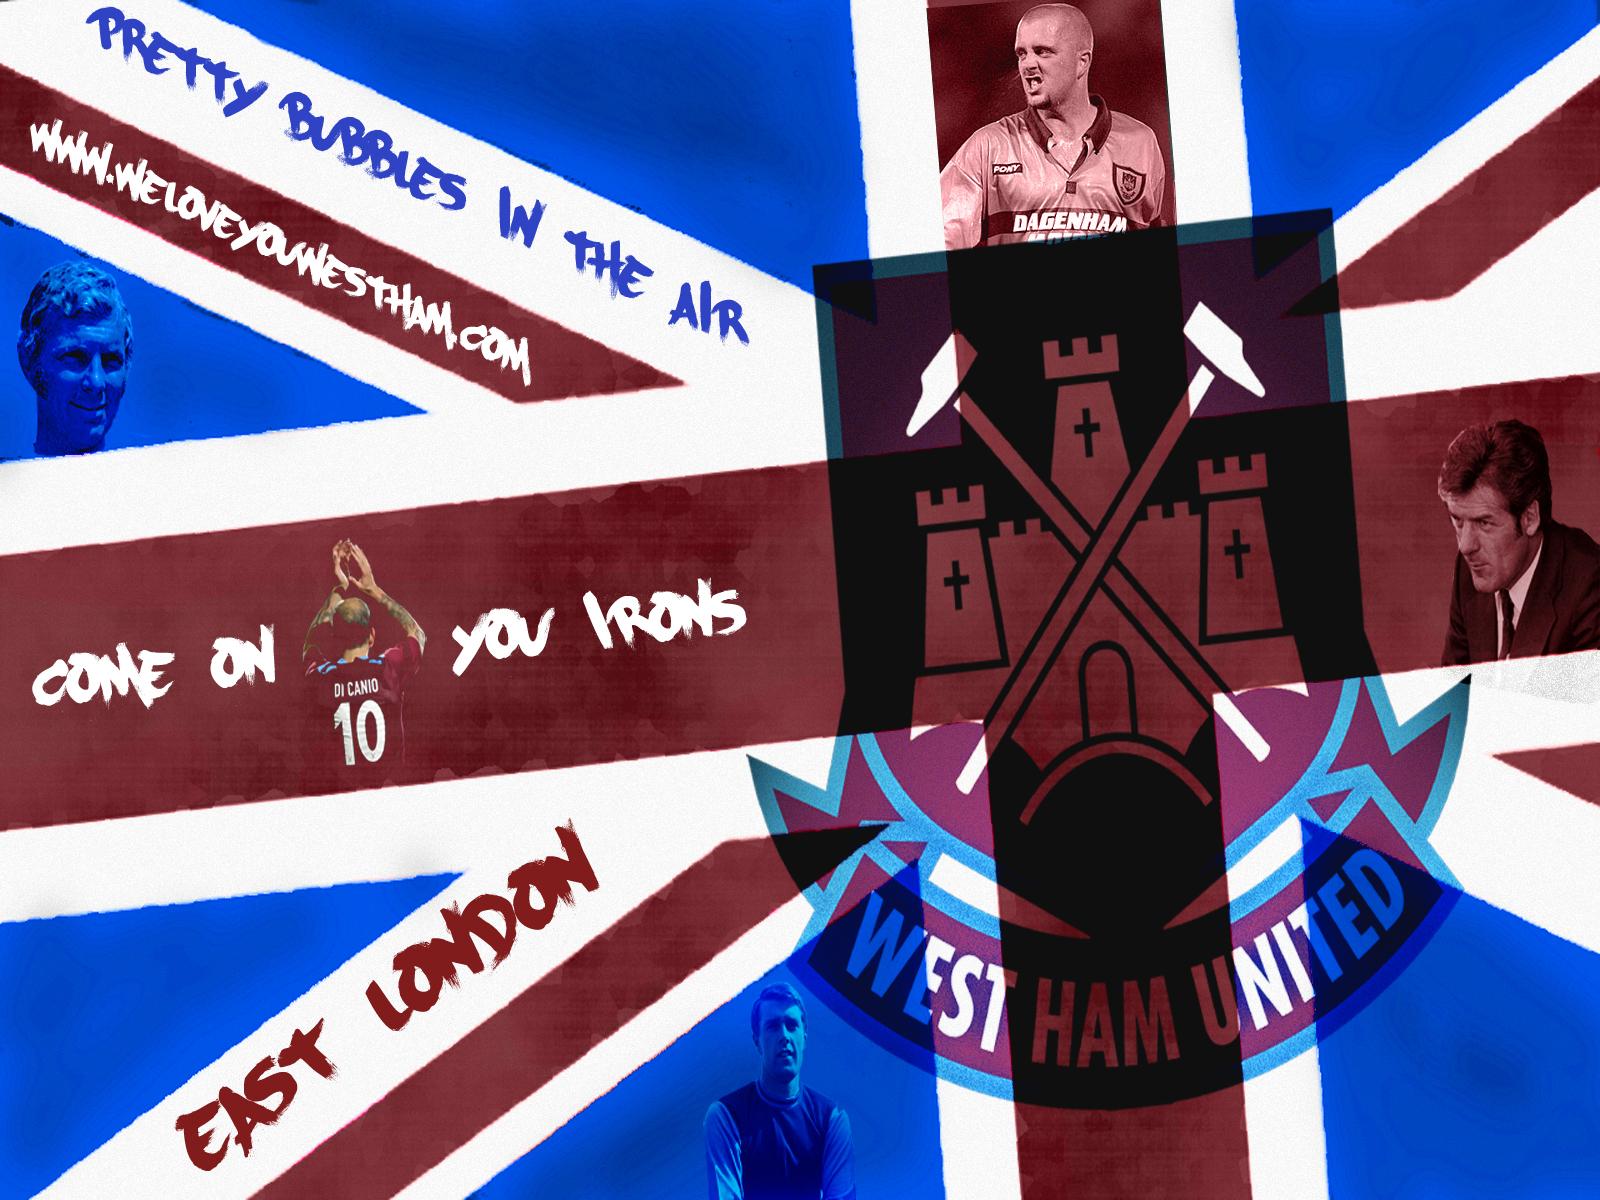 West Ham Wallpapers Free Download - WallpaperSafari